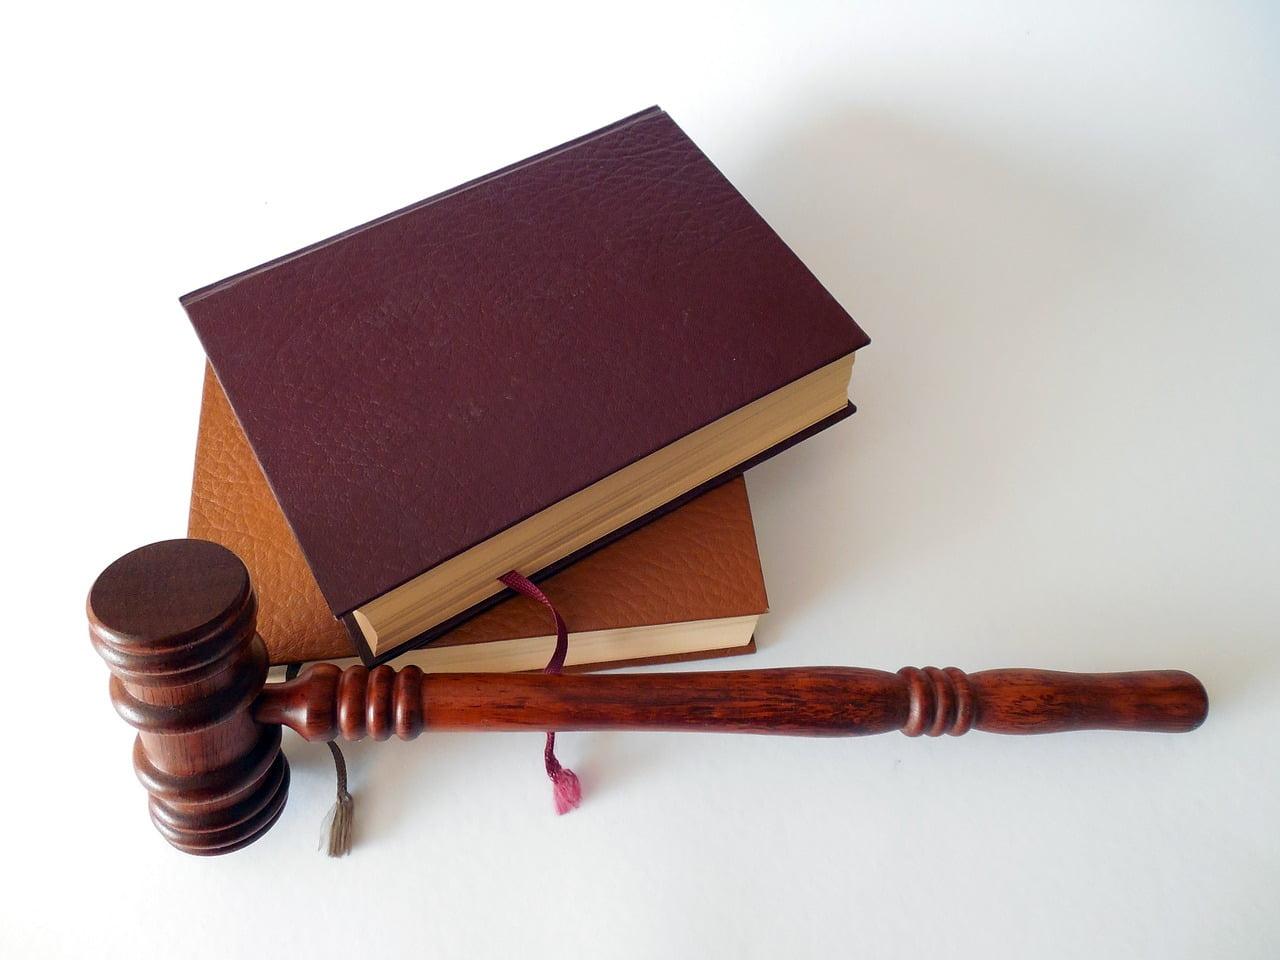 violencia de genero - diario juridico